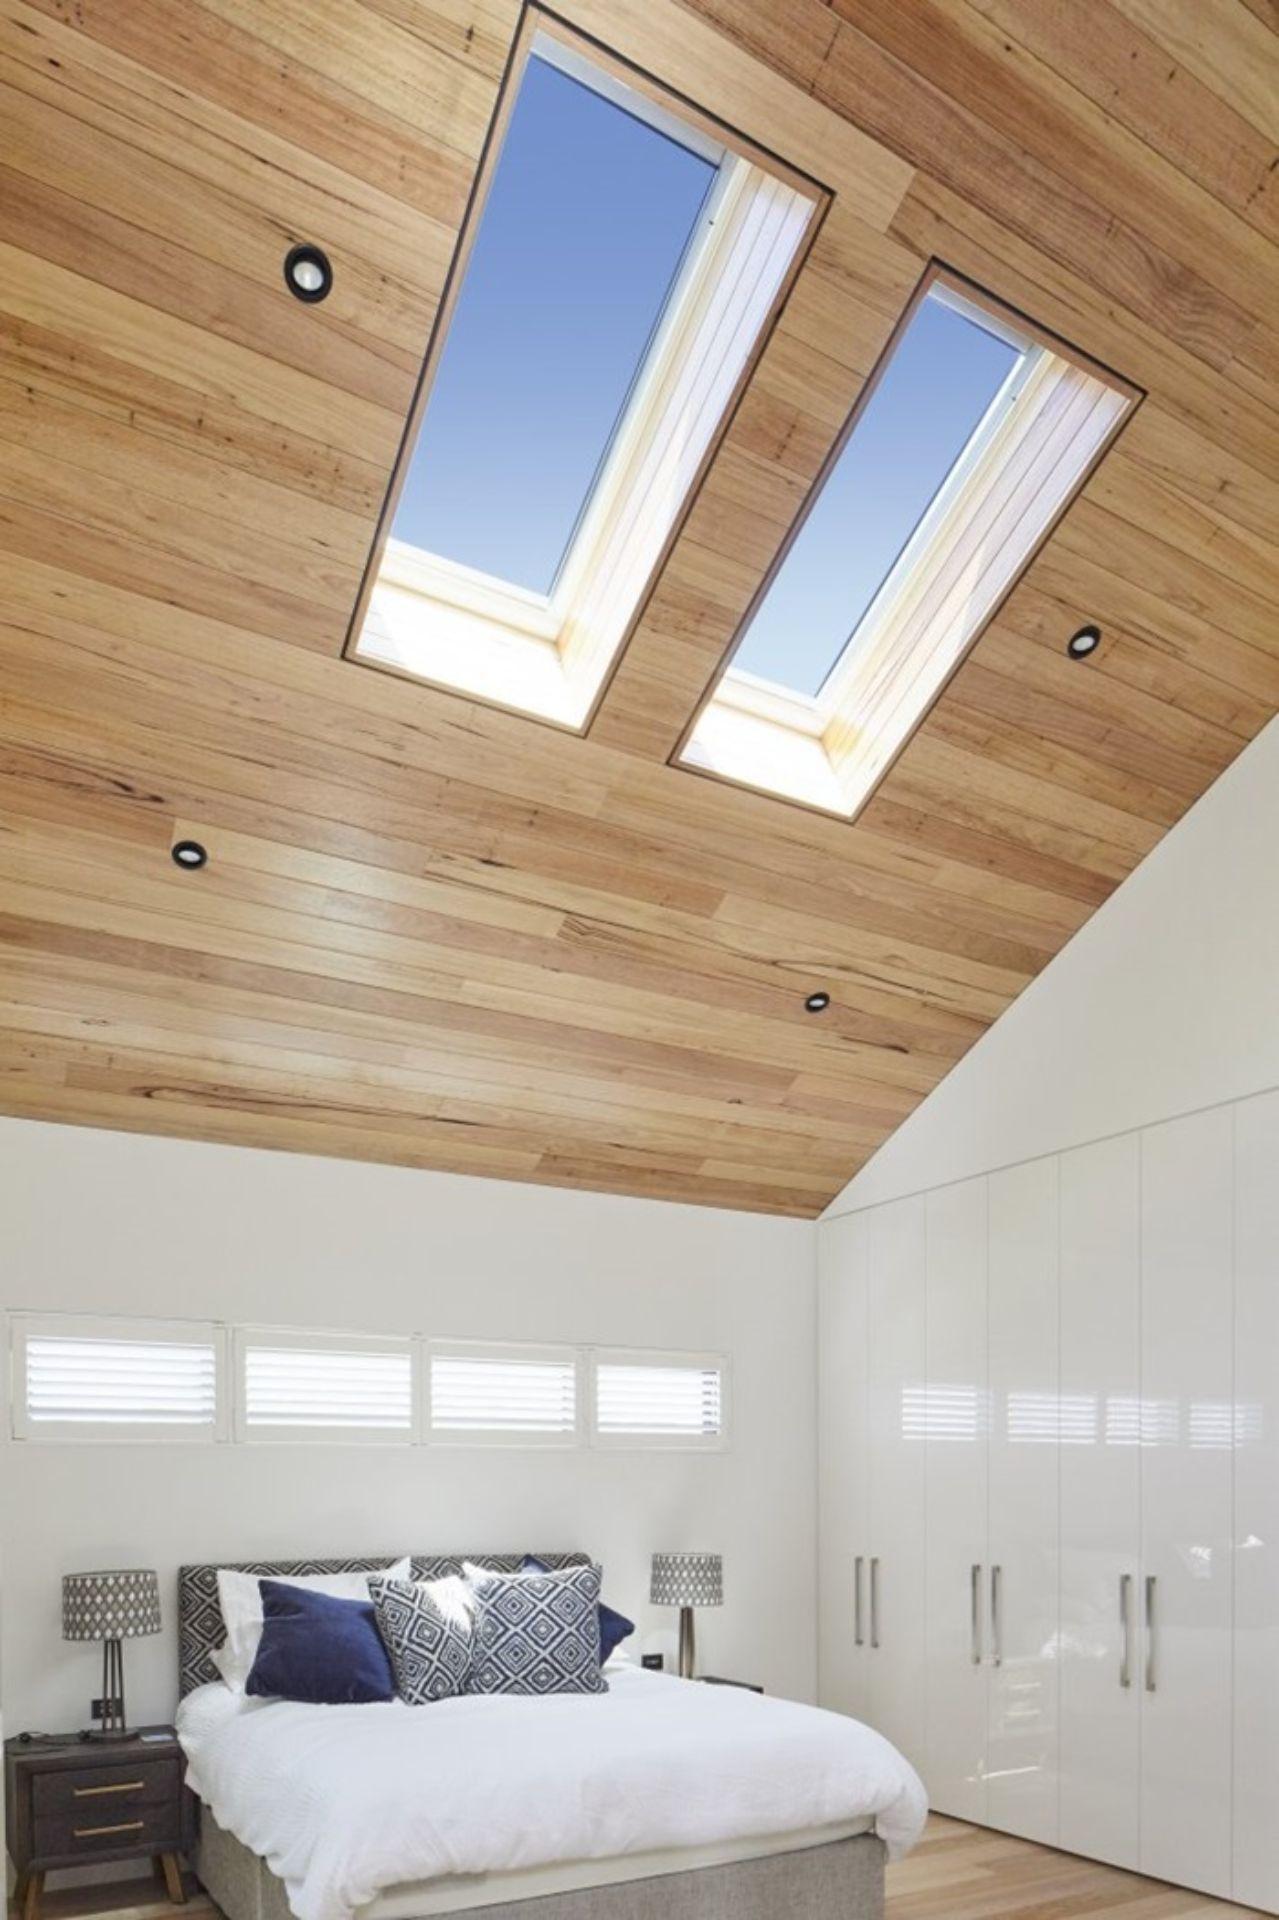 HG-VELUX-skylight-bedroom 1 (2)